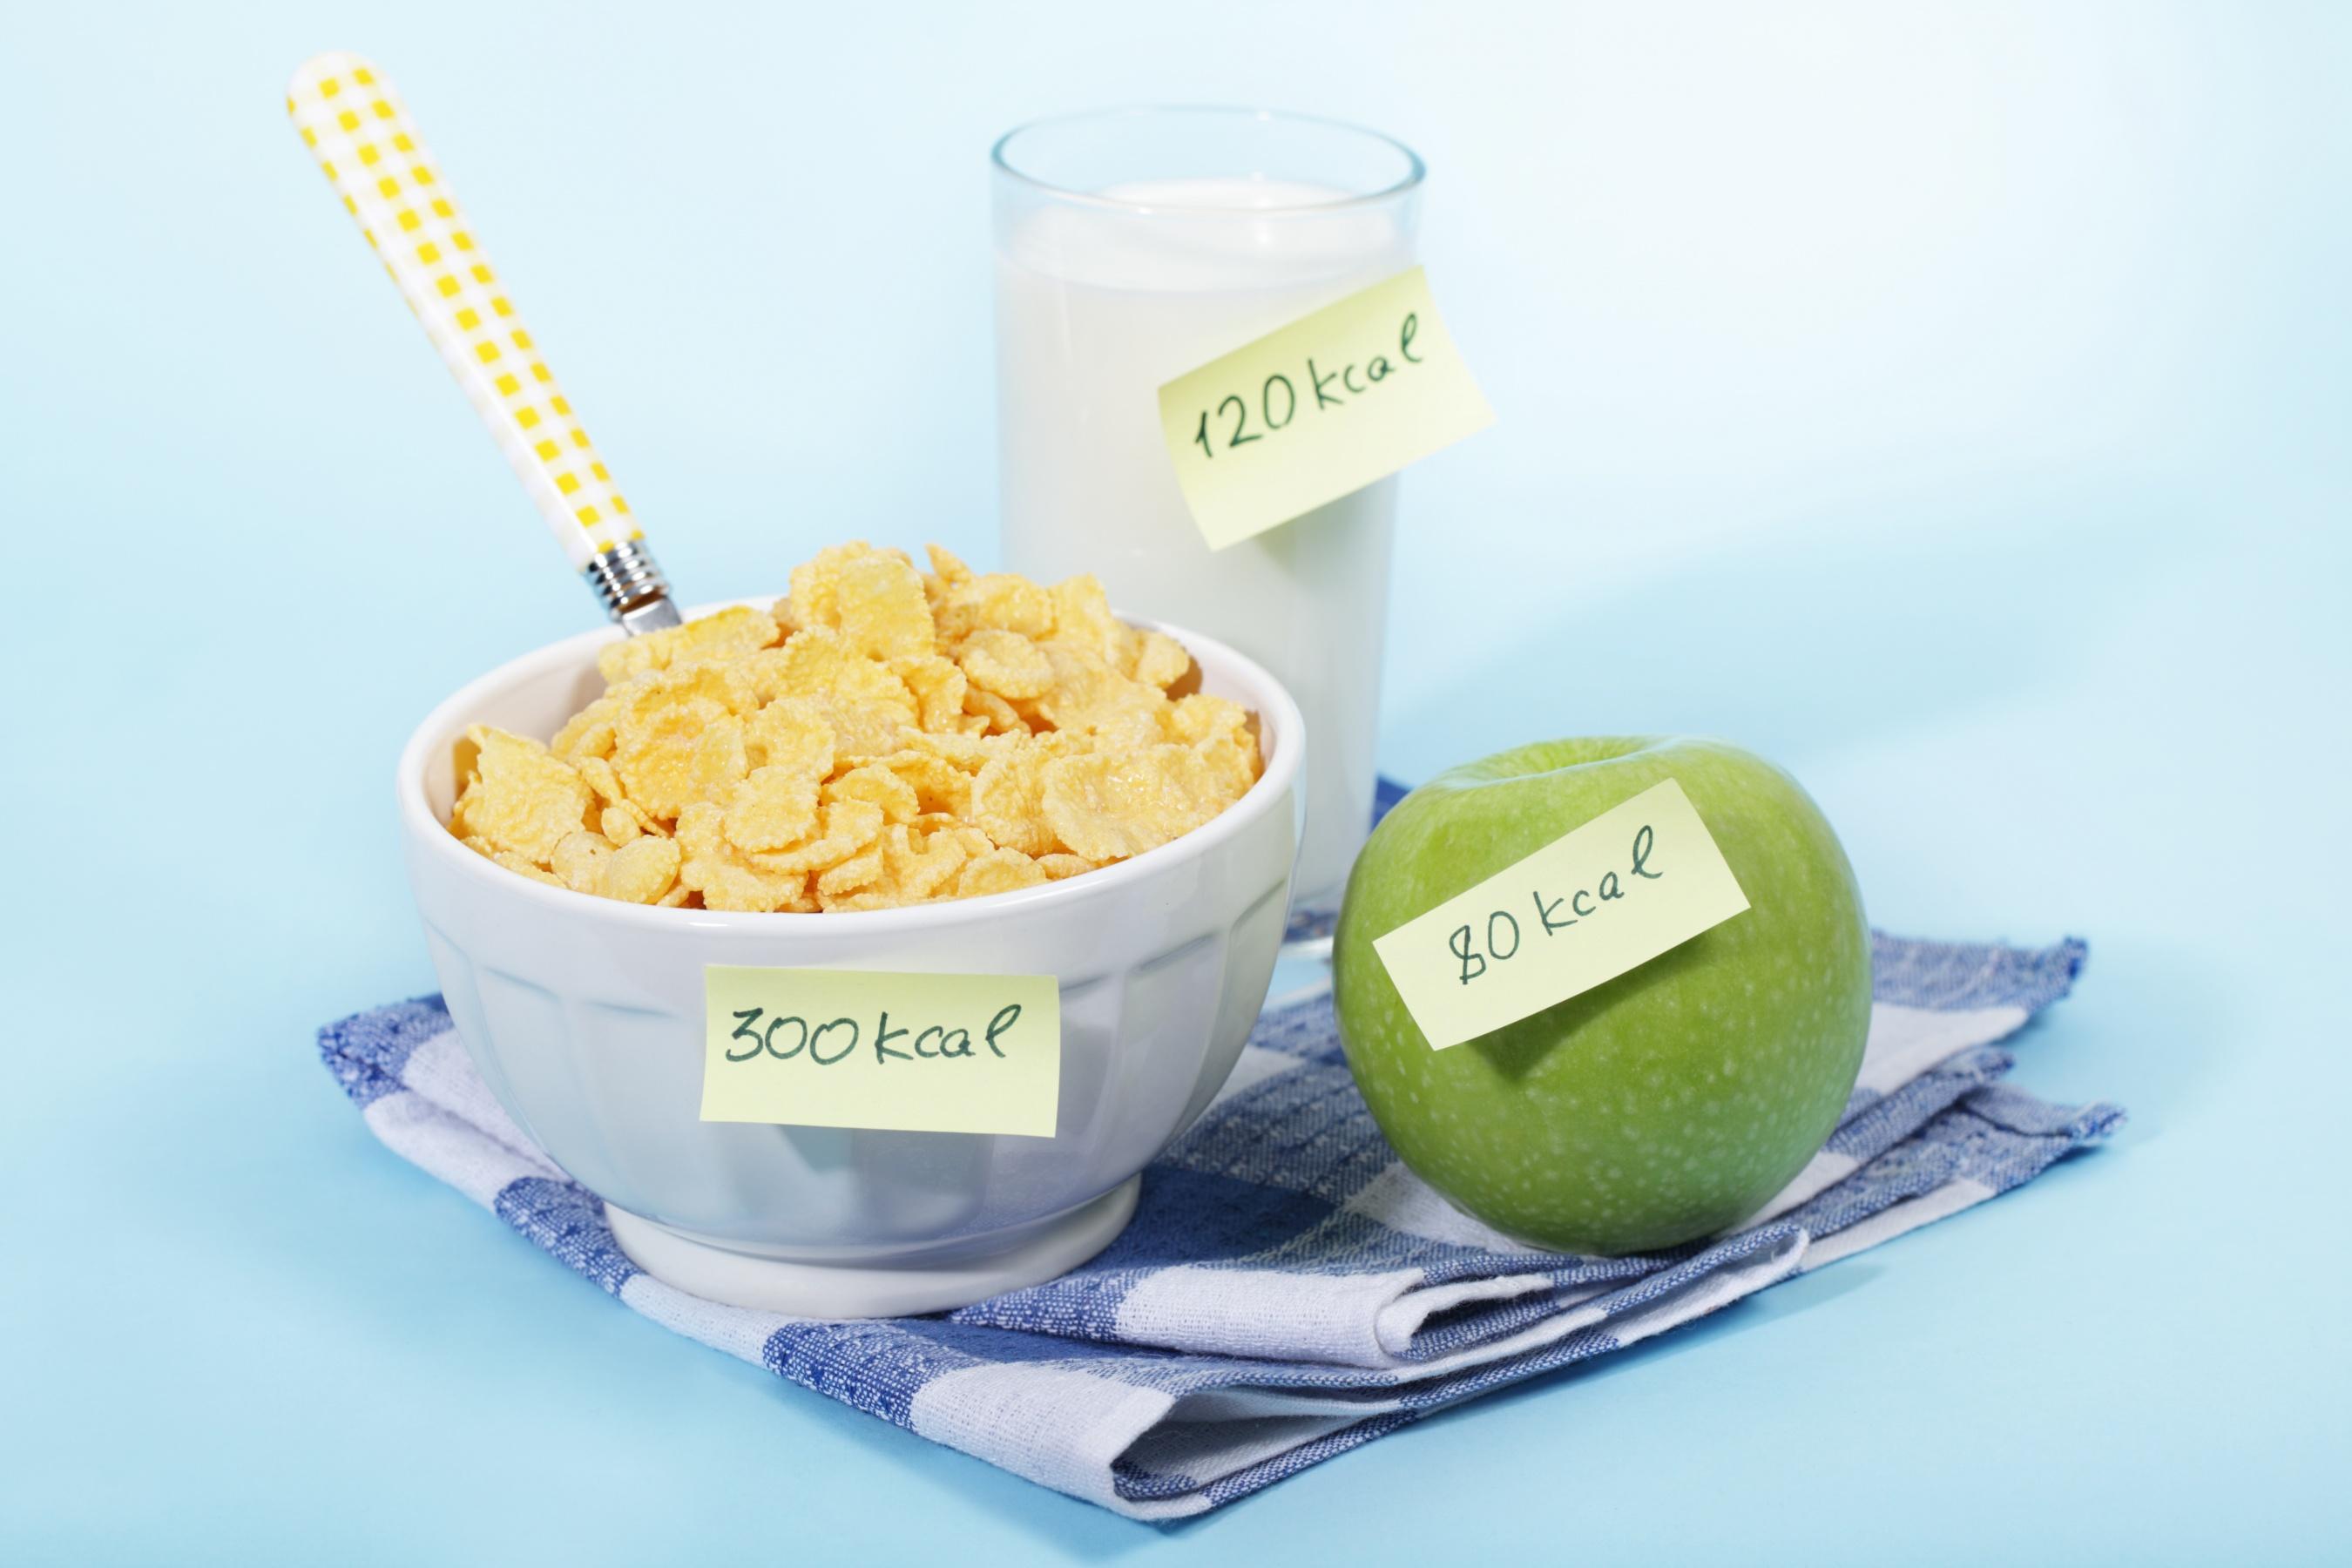 калории продуктов для похудения